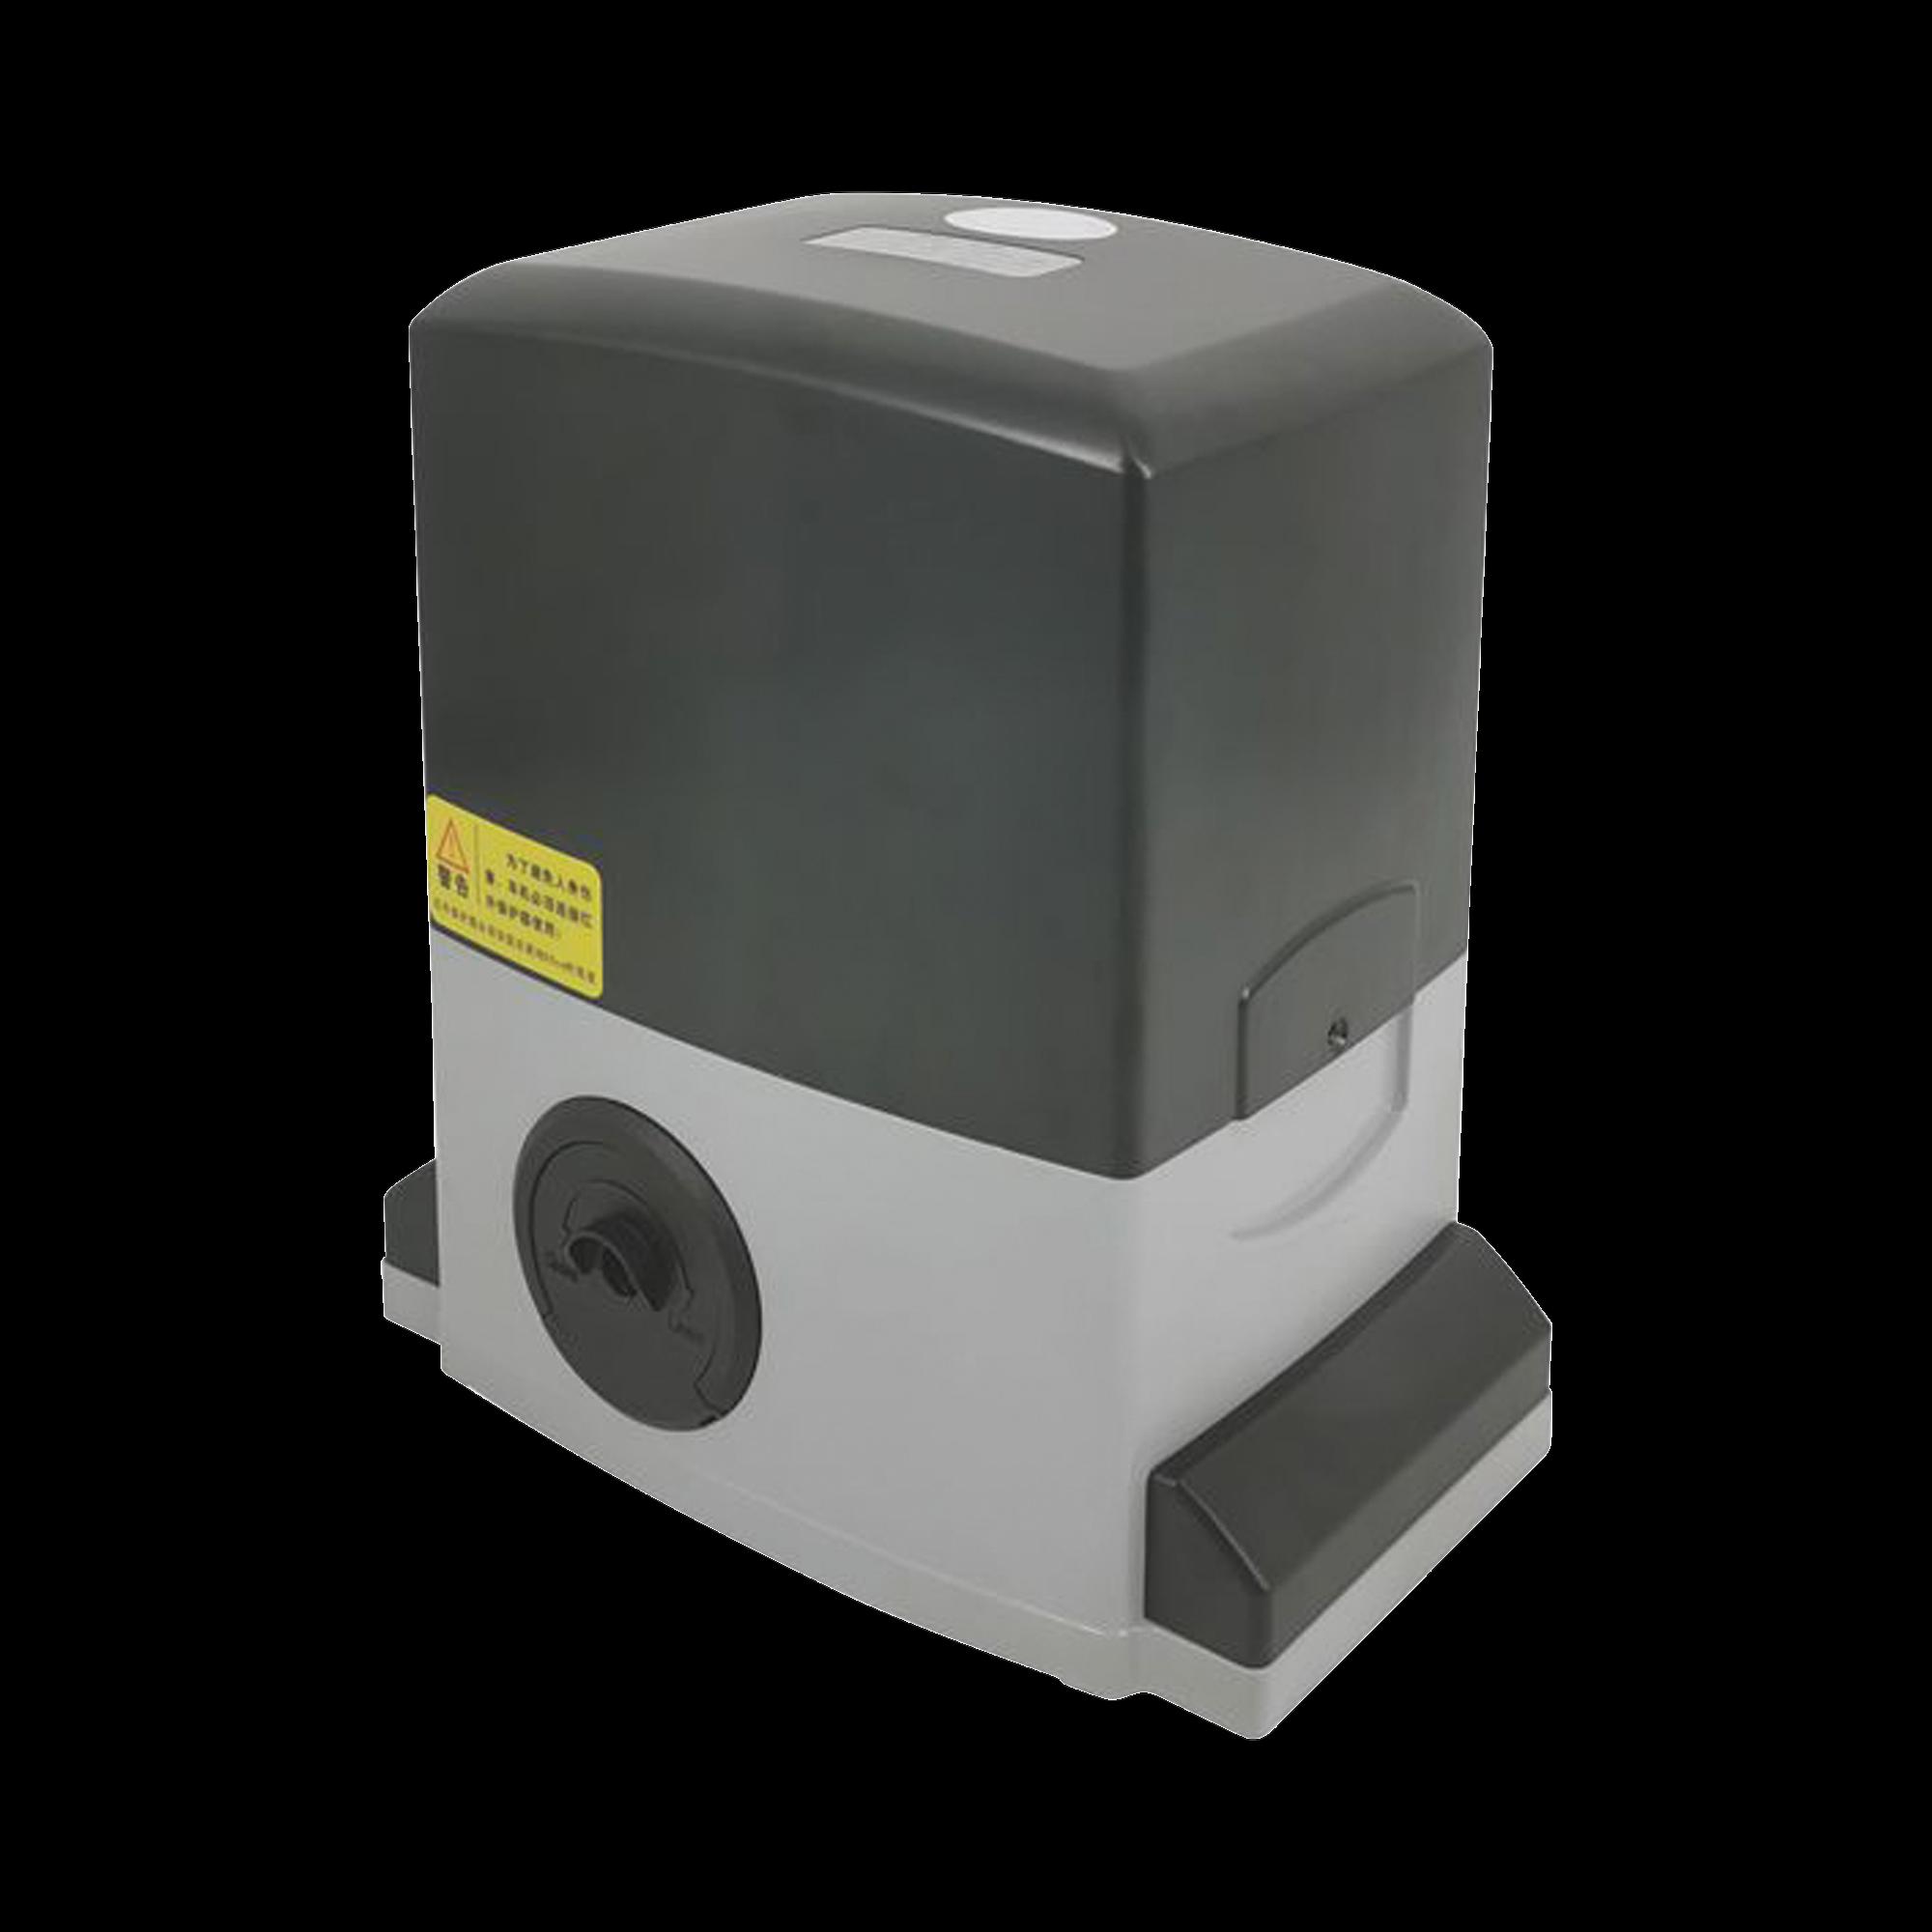 Operador Para Puertas Corredizas de 2000 Kg / Limites Magnéticos de Final de Carrera / Fácil Instalacion